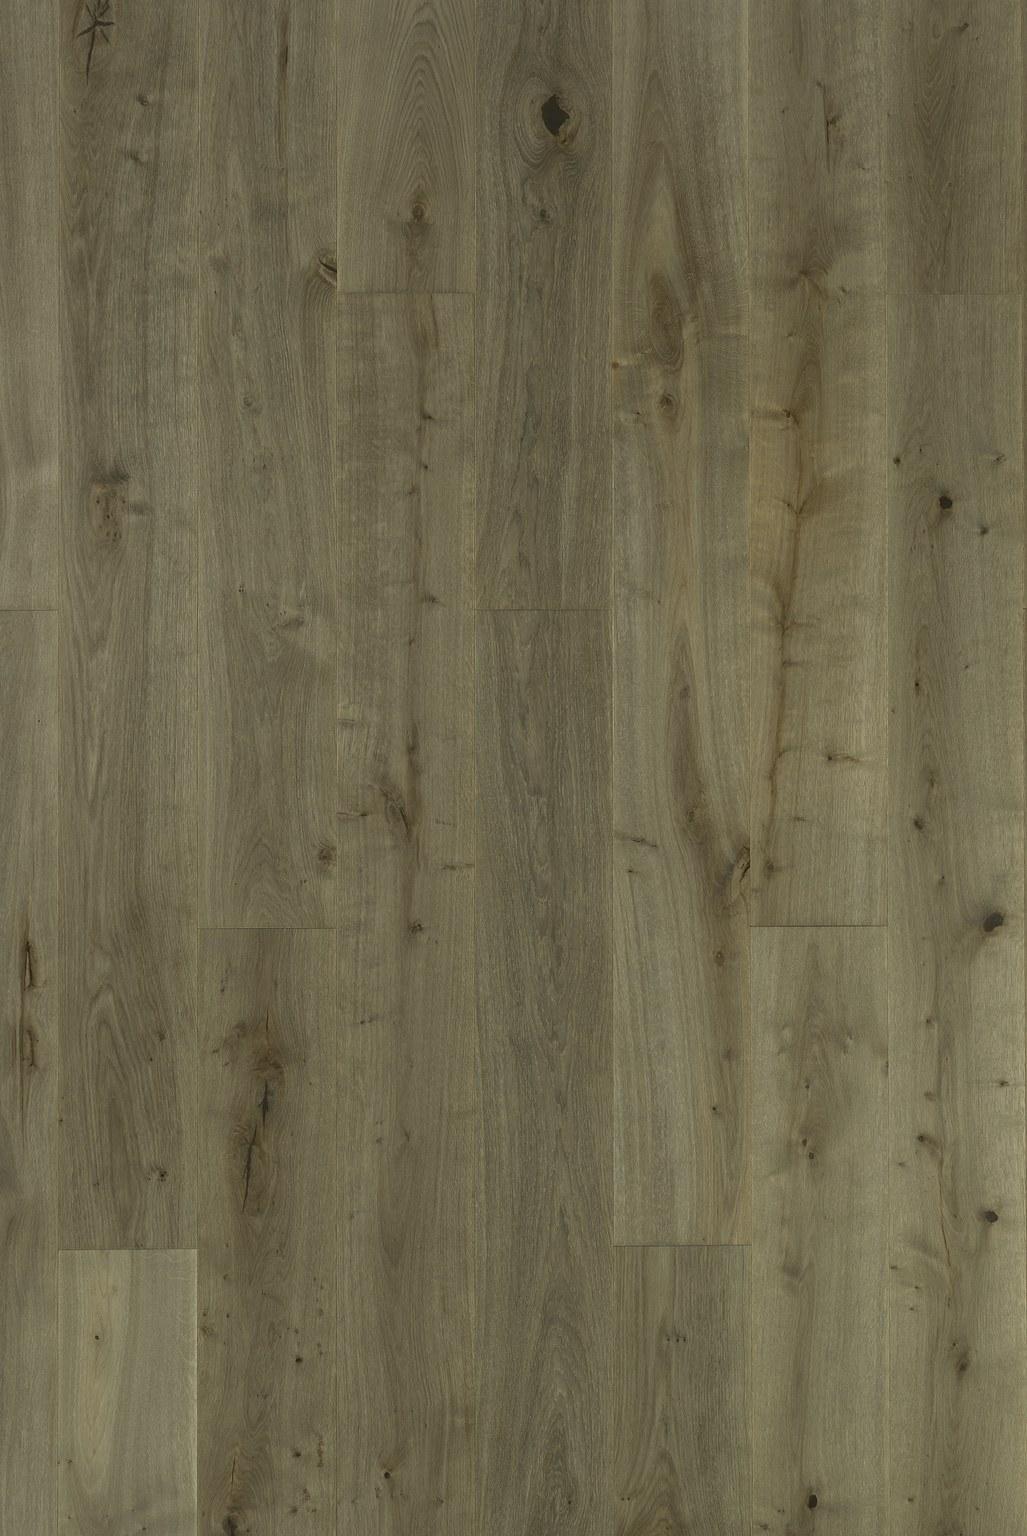 Timberwise Parketti Lankkuparketti Puulattia Wooden Floor Parquet Plank Tammi Oak Vintage Pallas 2D1